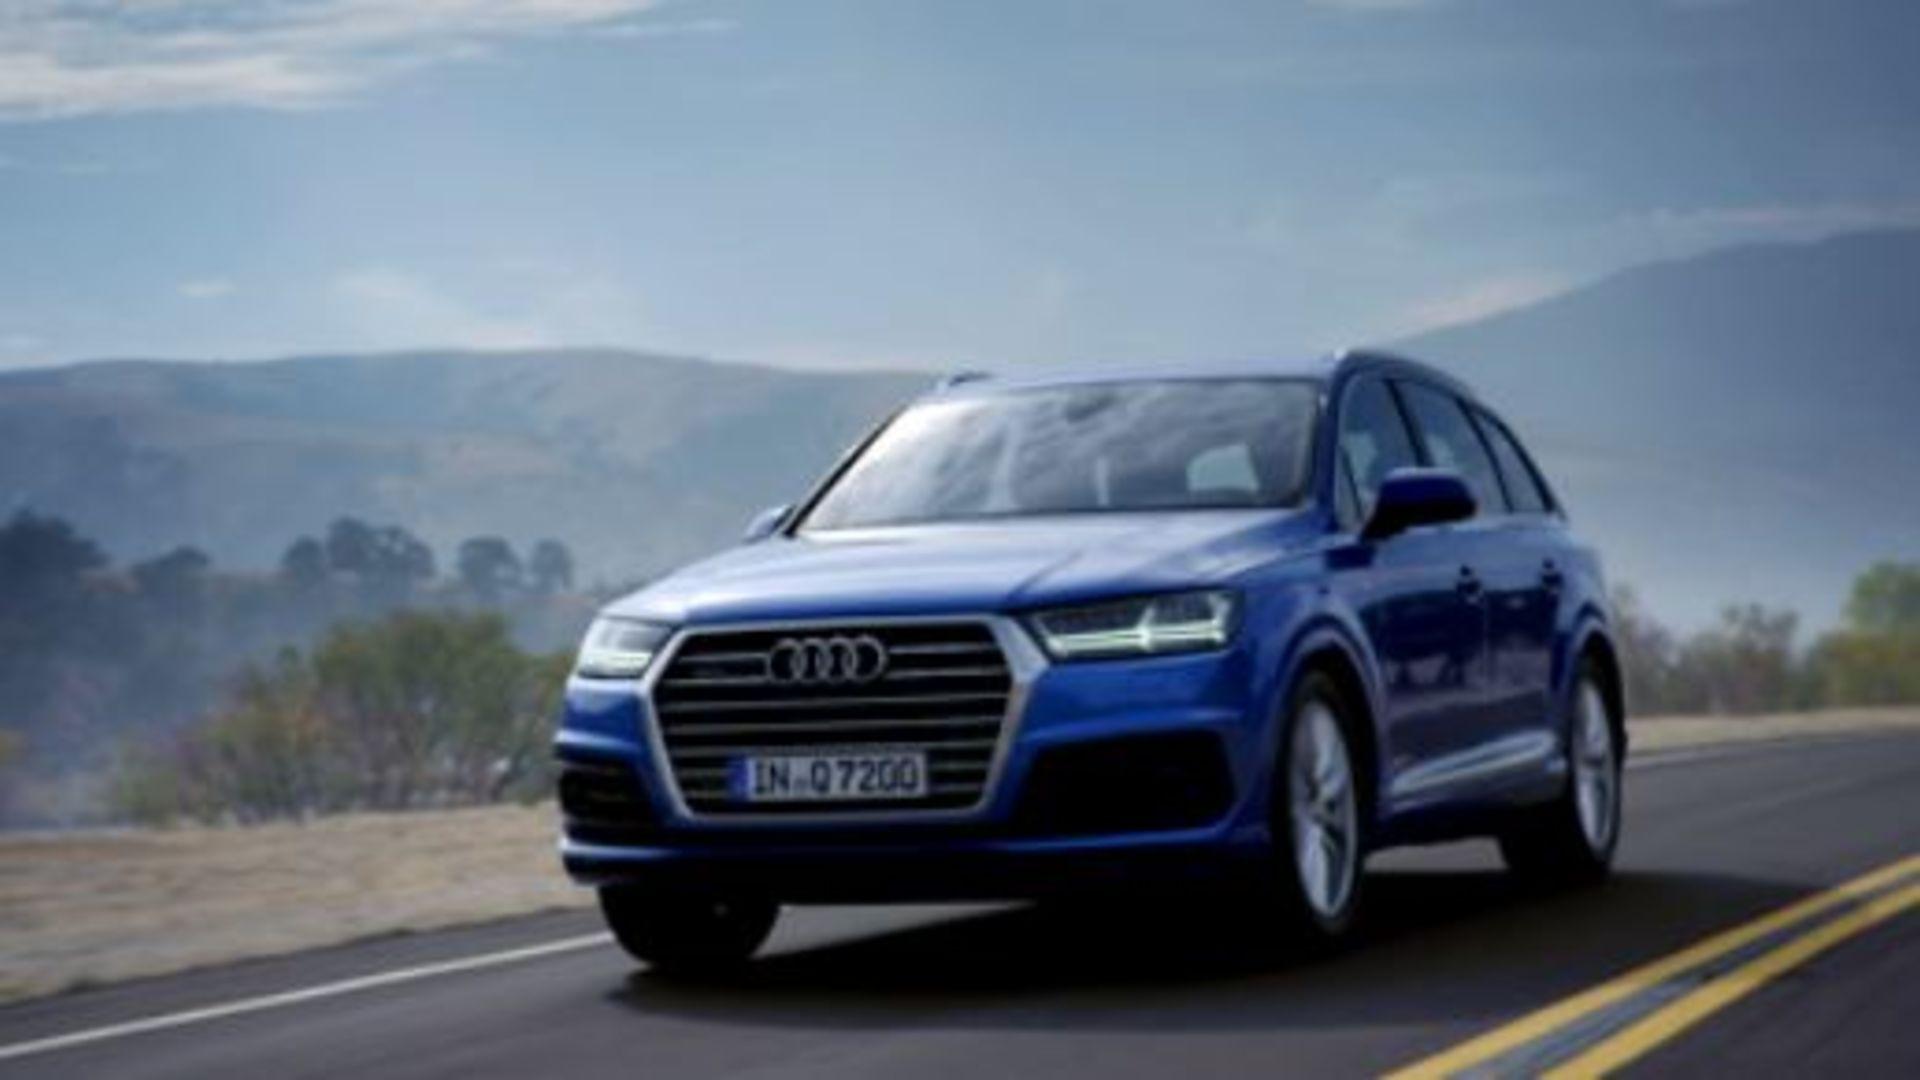 Audi Q7 - Trailer